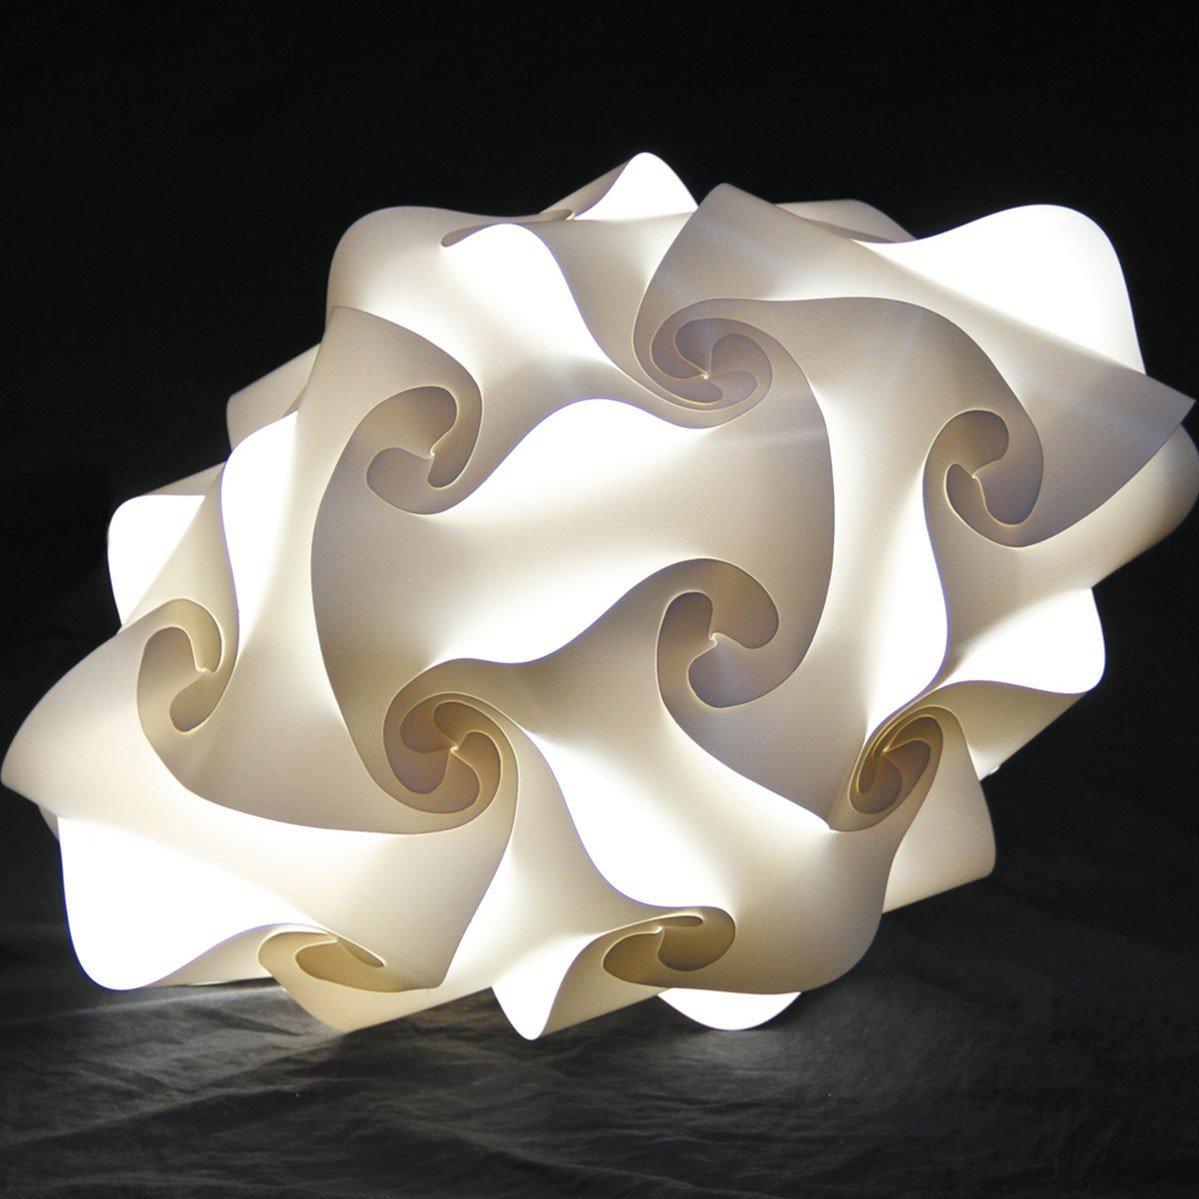 lampe moderne a poser beautiful hous lampe moderne een poser lampe poser transparent h cm avec. Black Bedroom Furniture Sets. Home Design Ideas